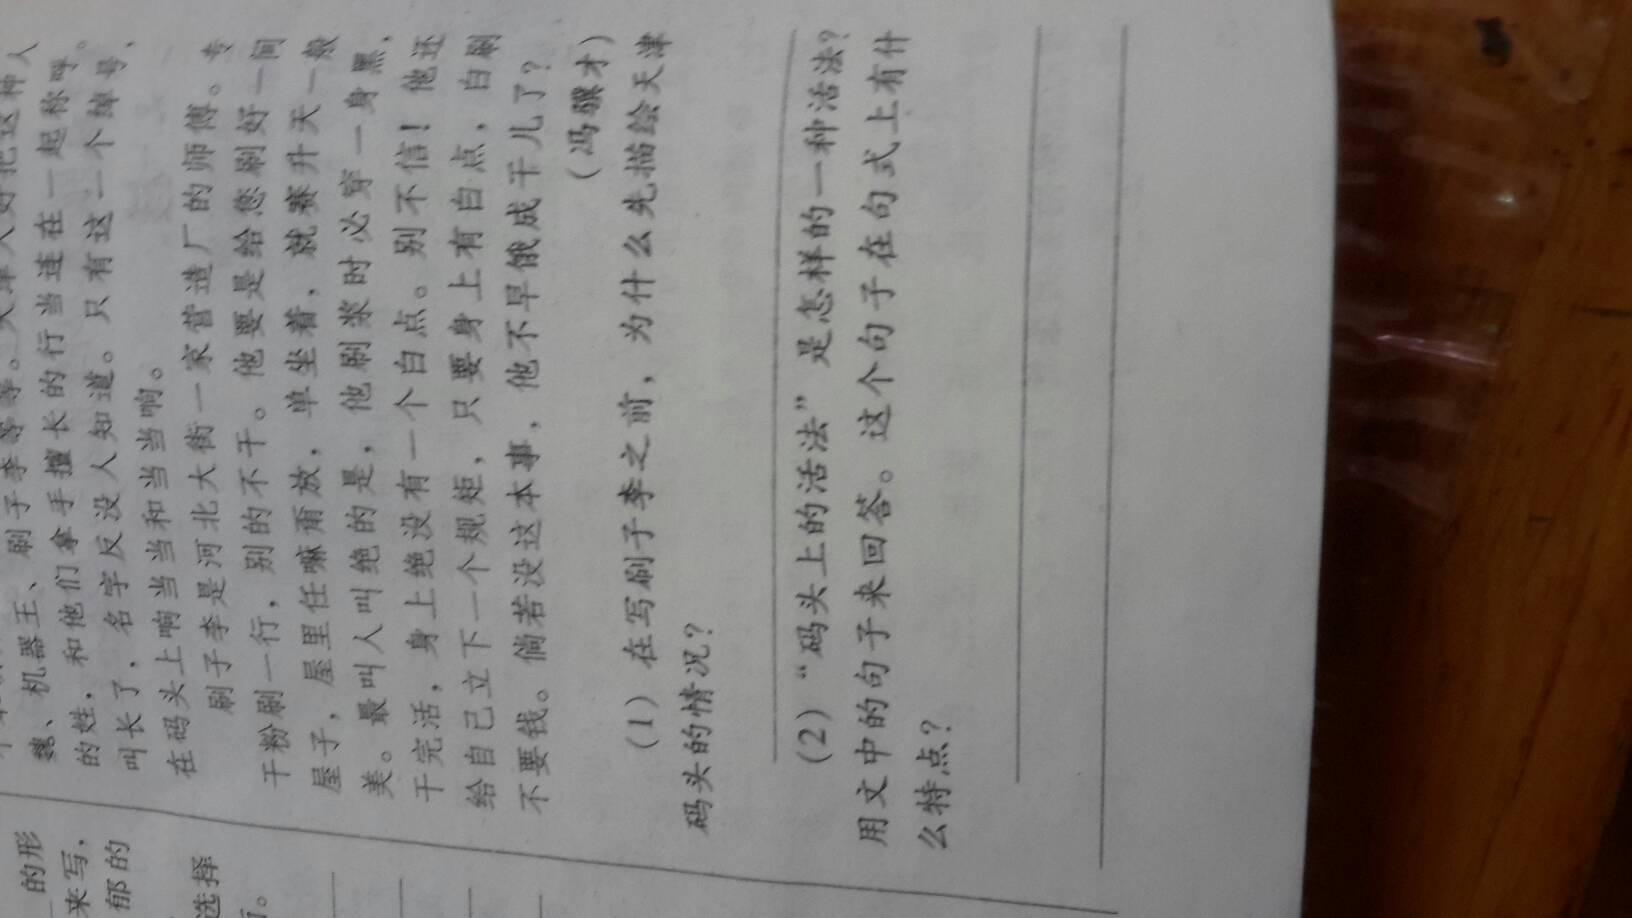 人教版小学语文,五年级下册第23课图片